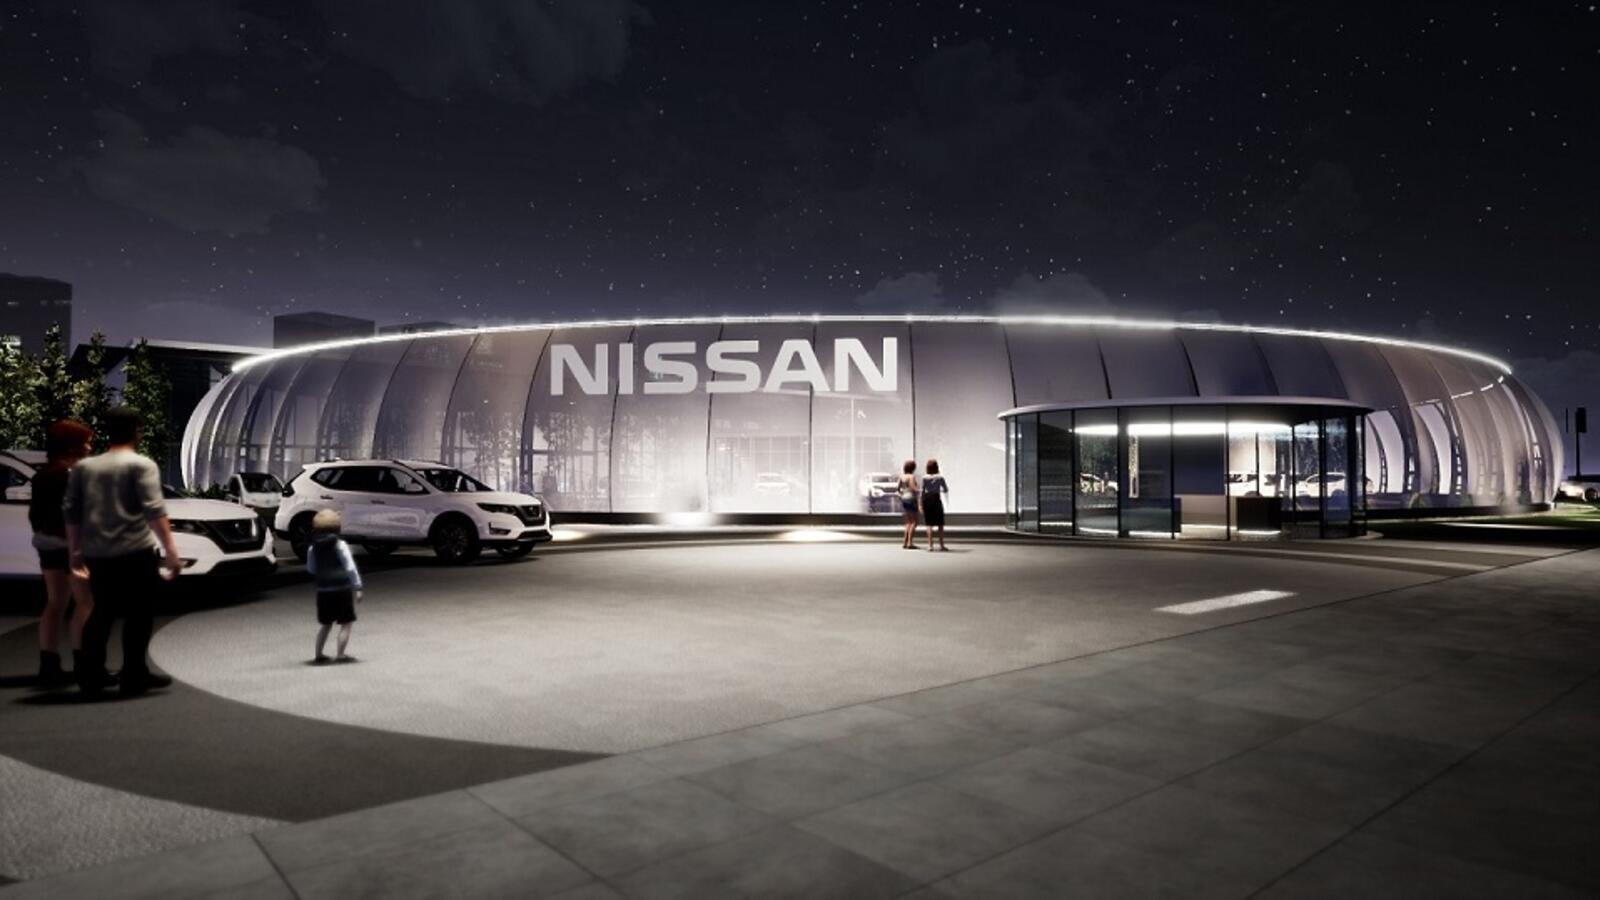 Doanh số giảm bởi Nissan phải đóng cửa các nhà máy và showroom trong mùa dịch.